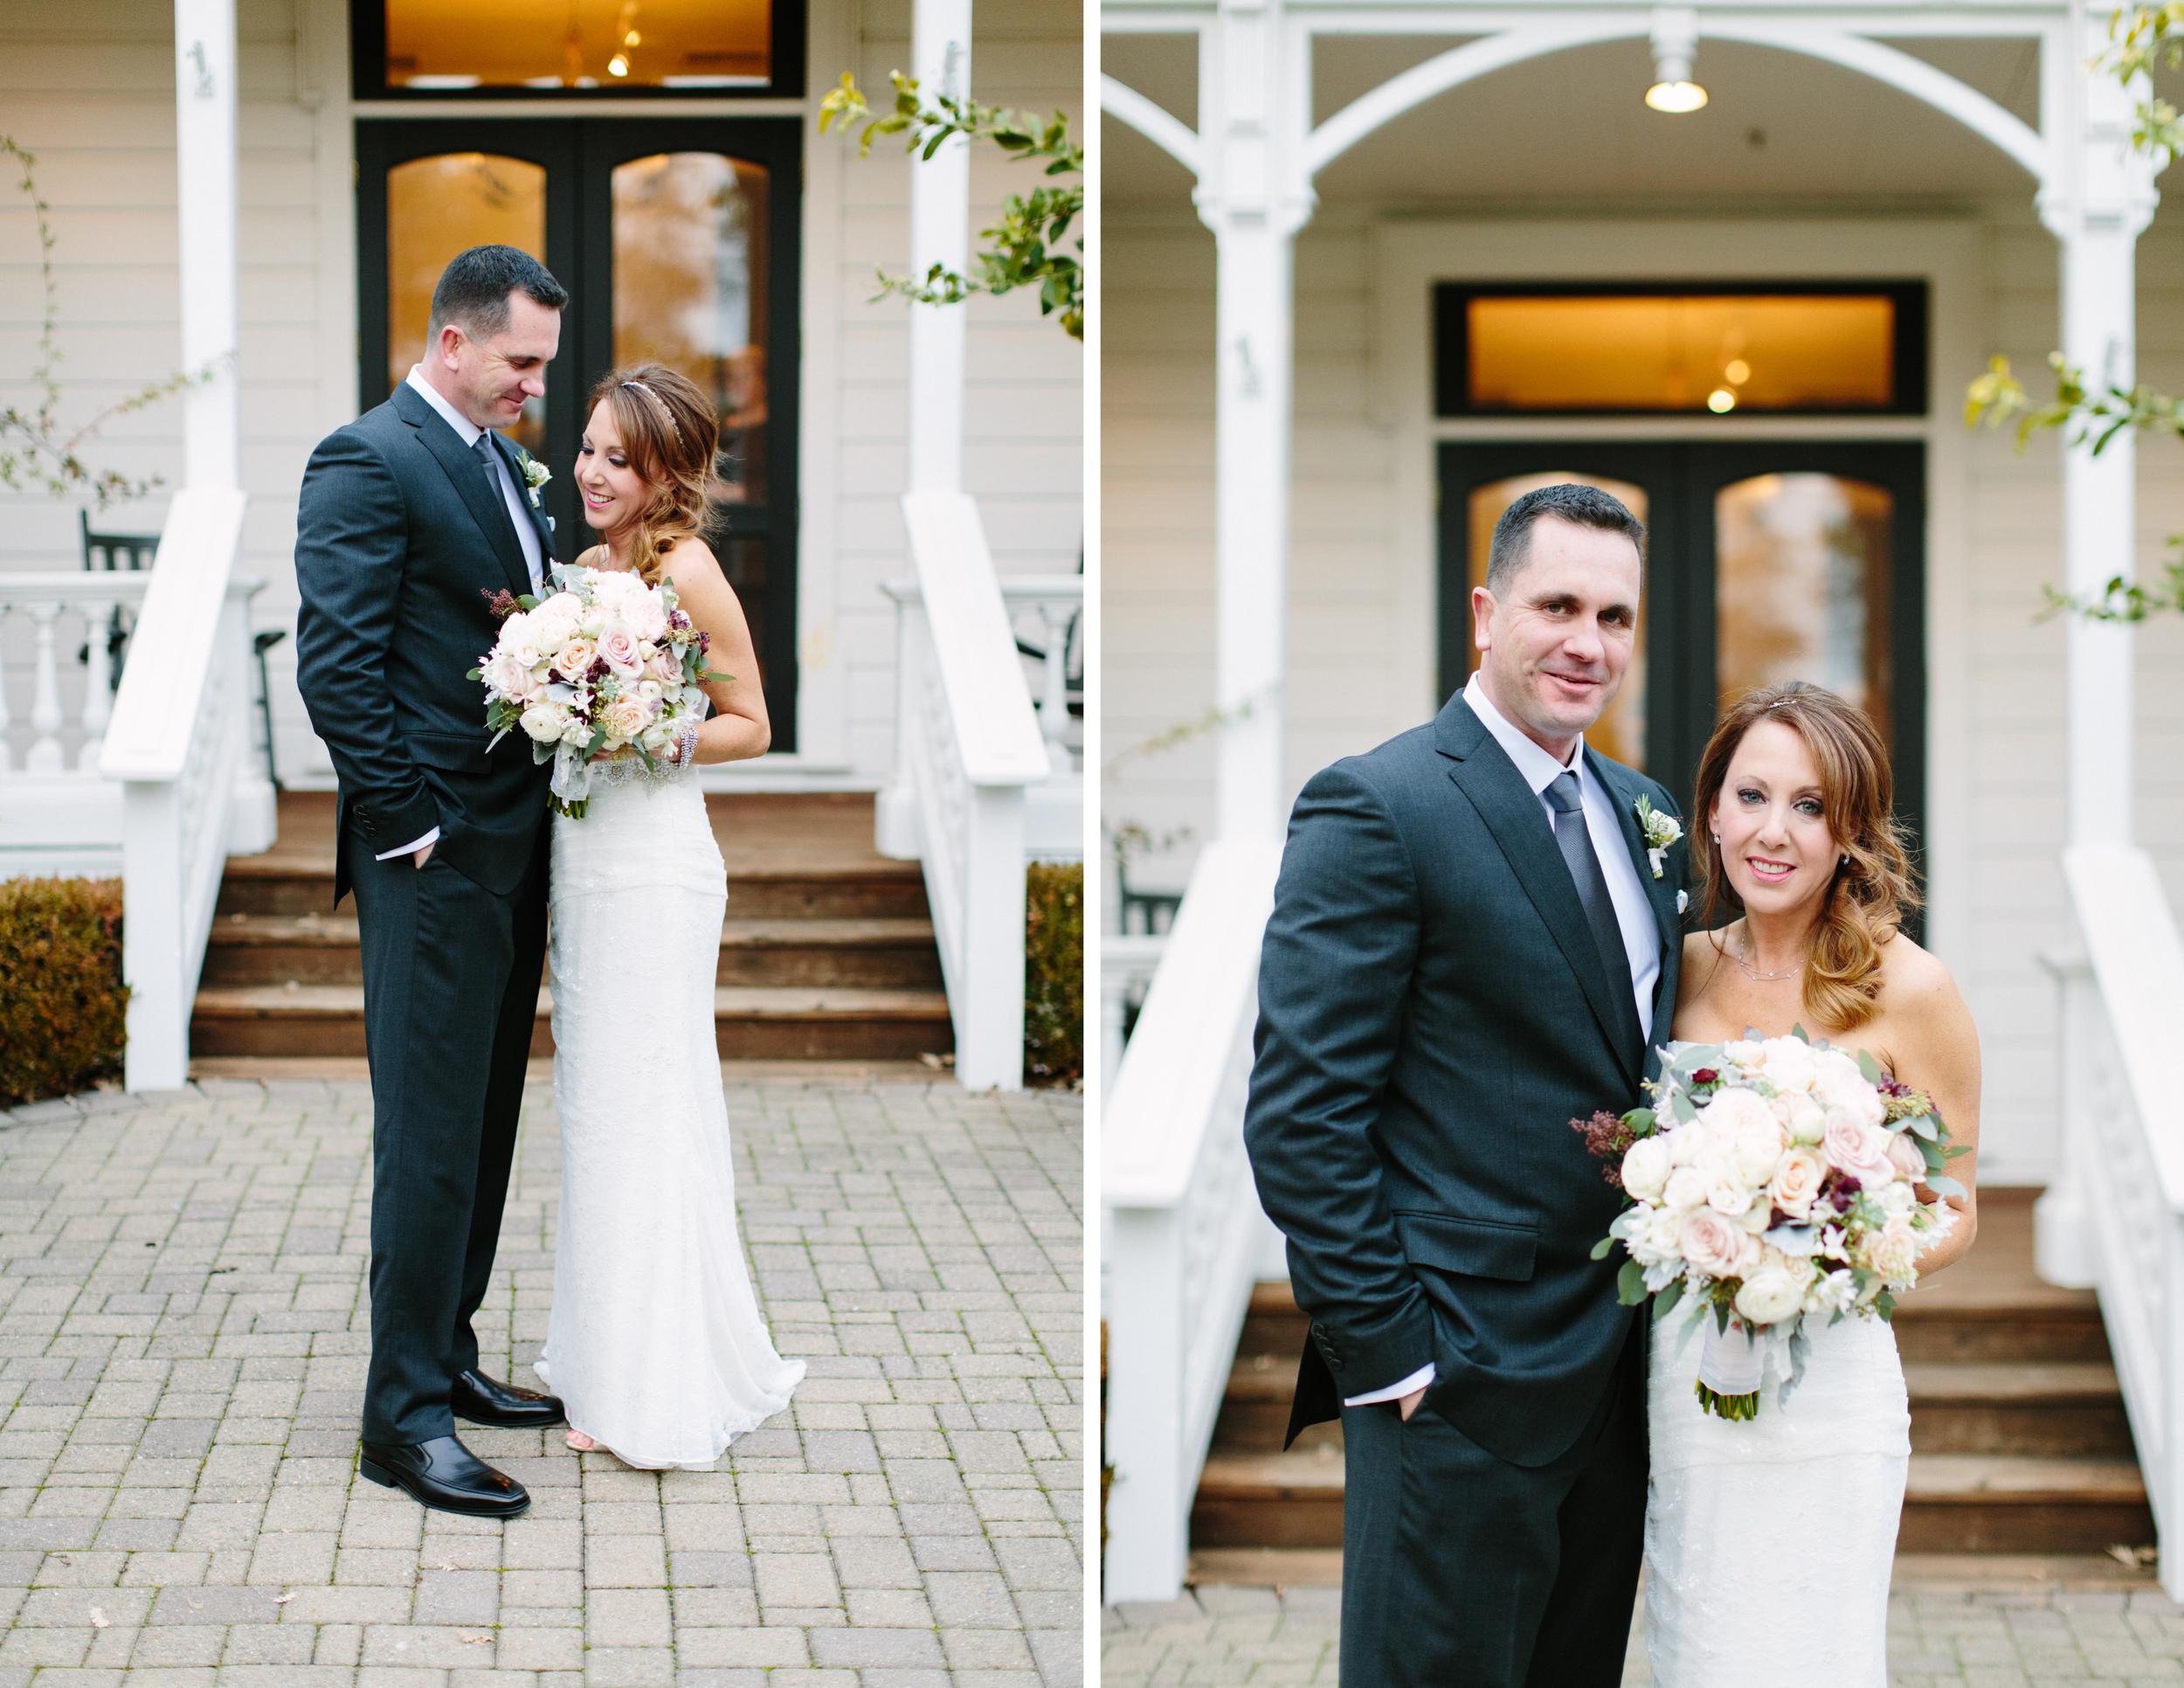 sonoma generals daughter wedding 3.jpg